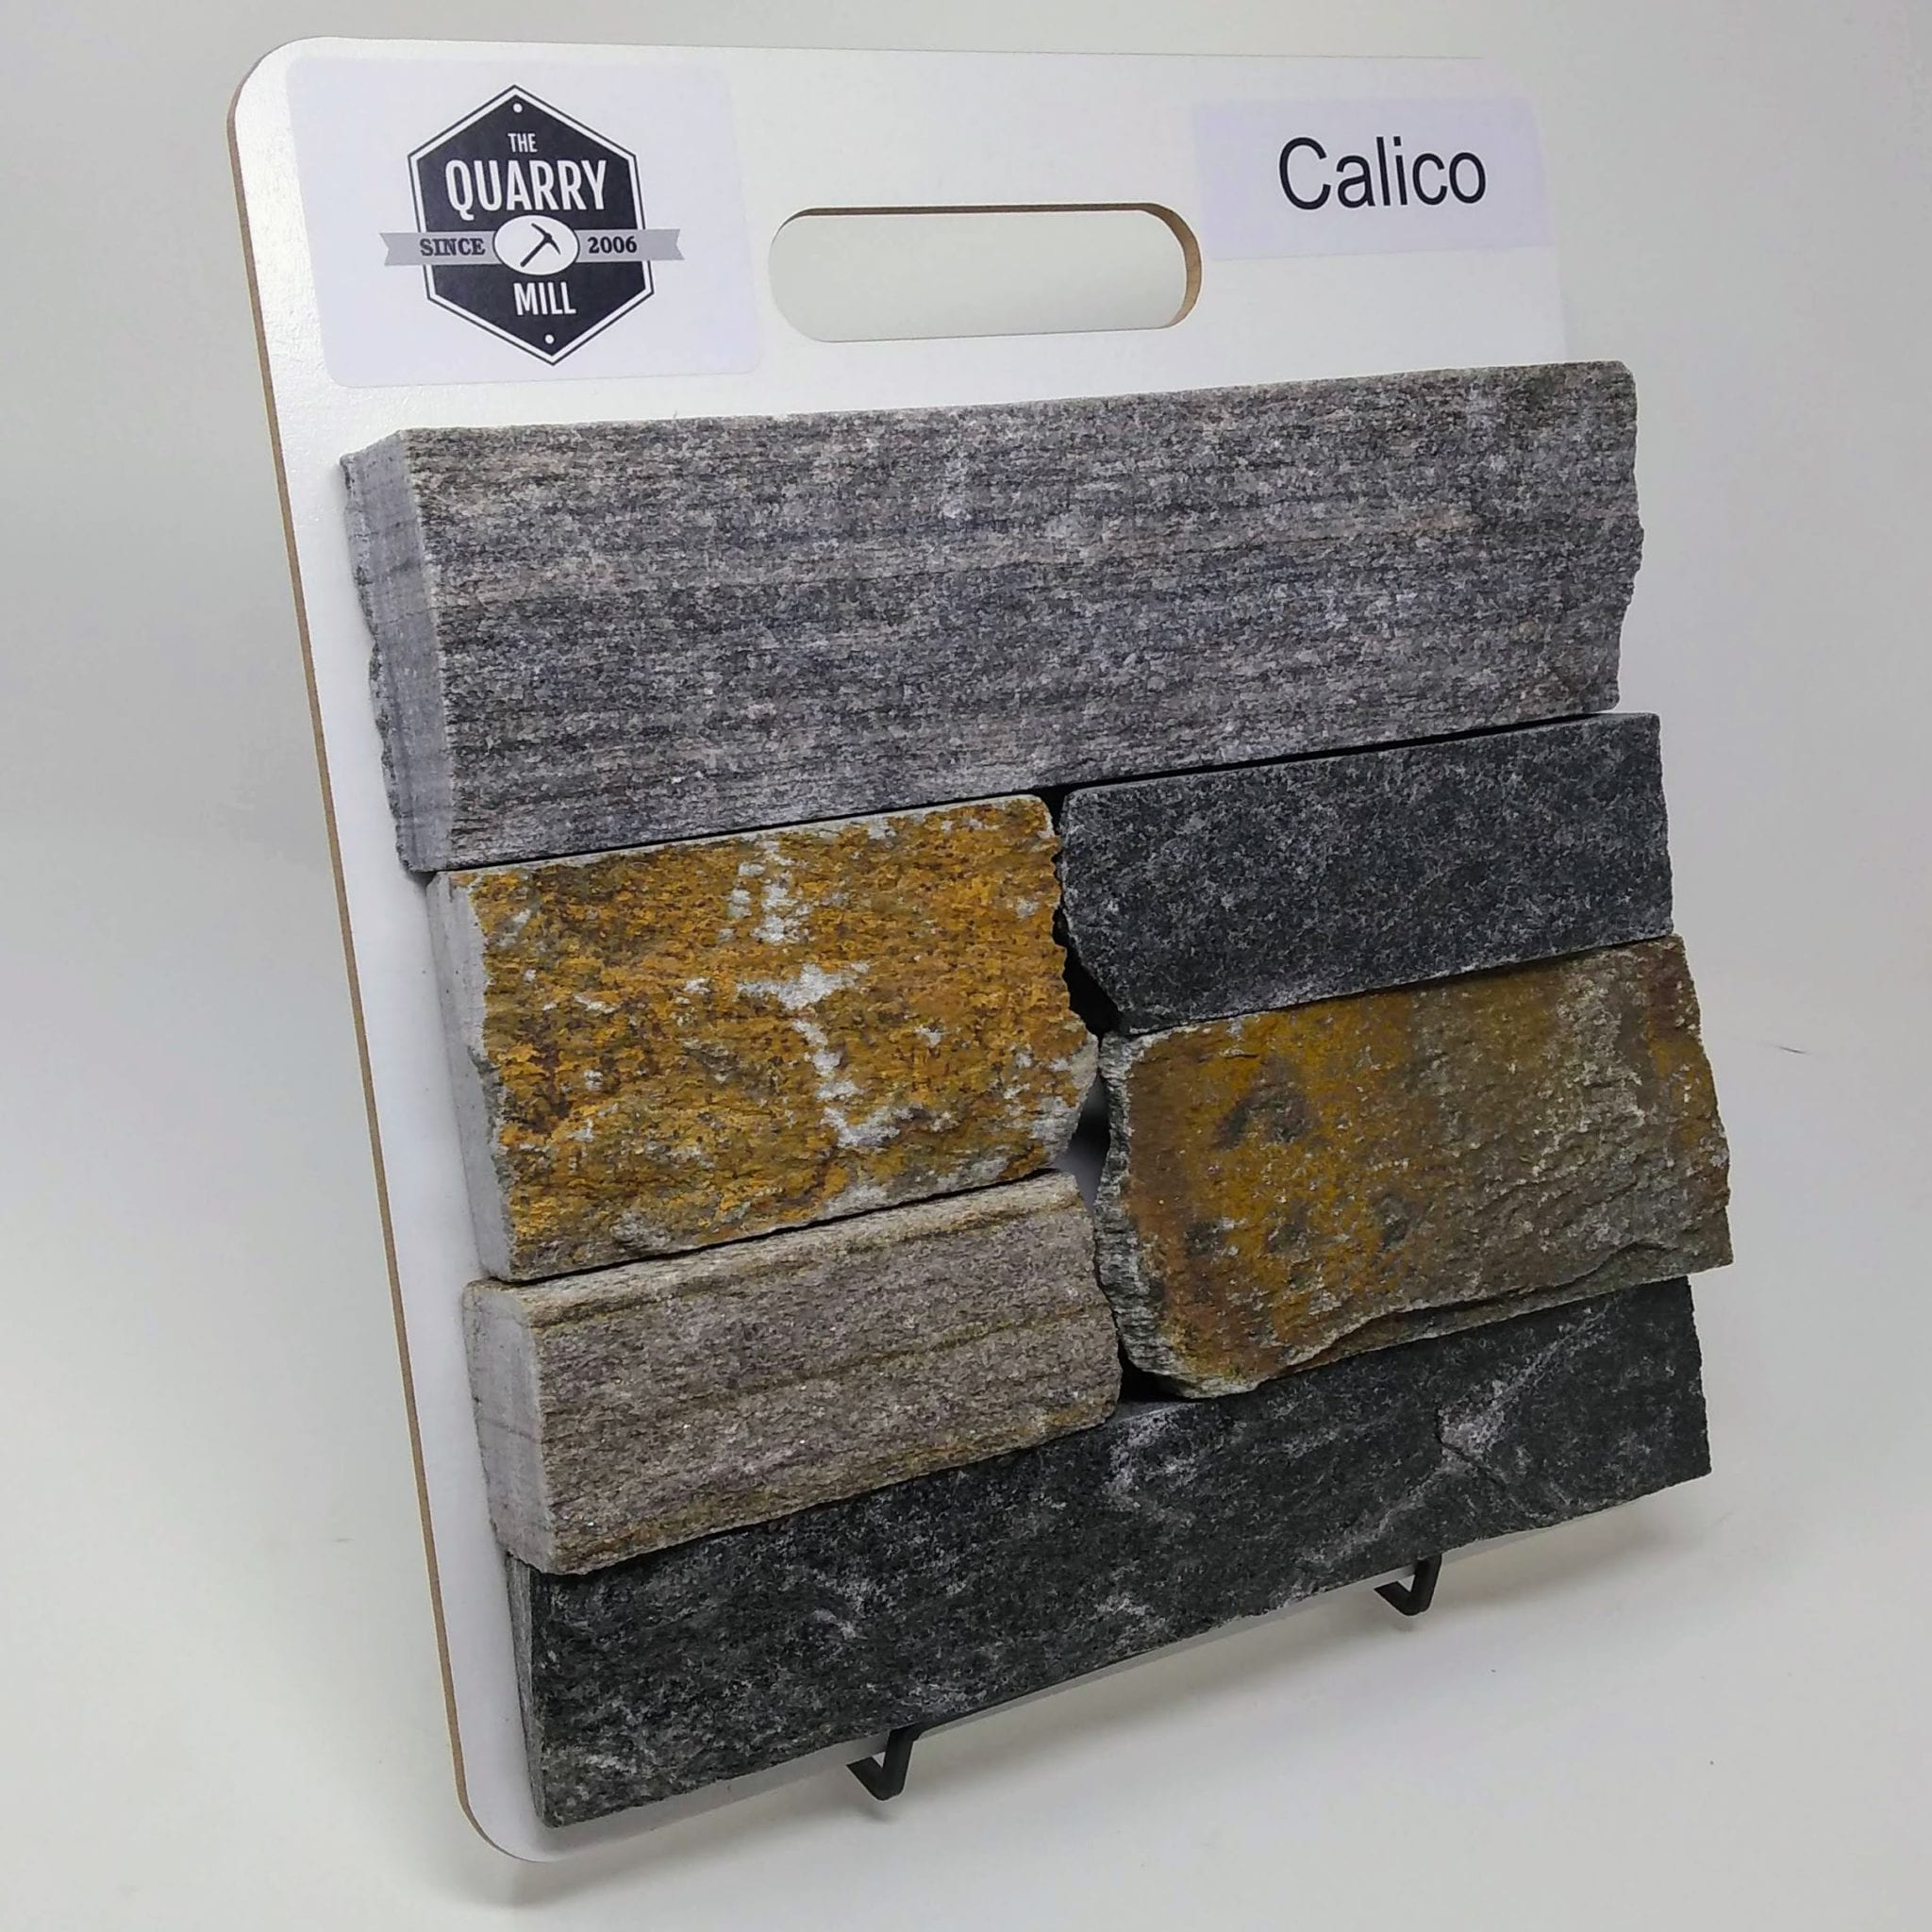 Calico Natural Stone Veneer Sample Board